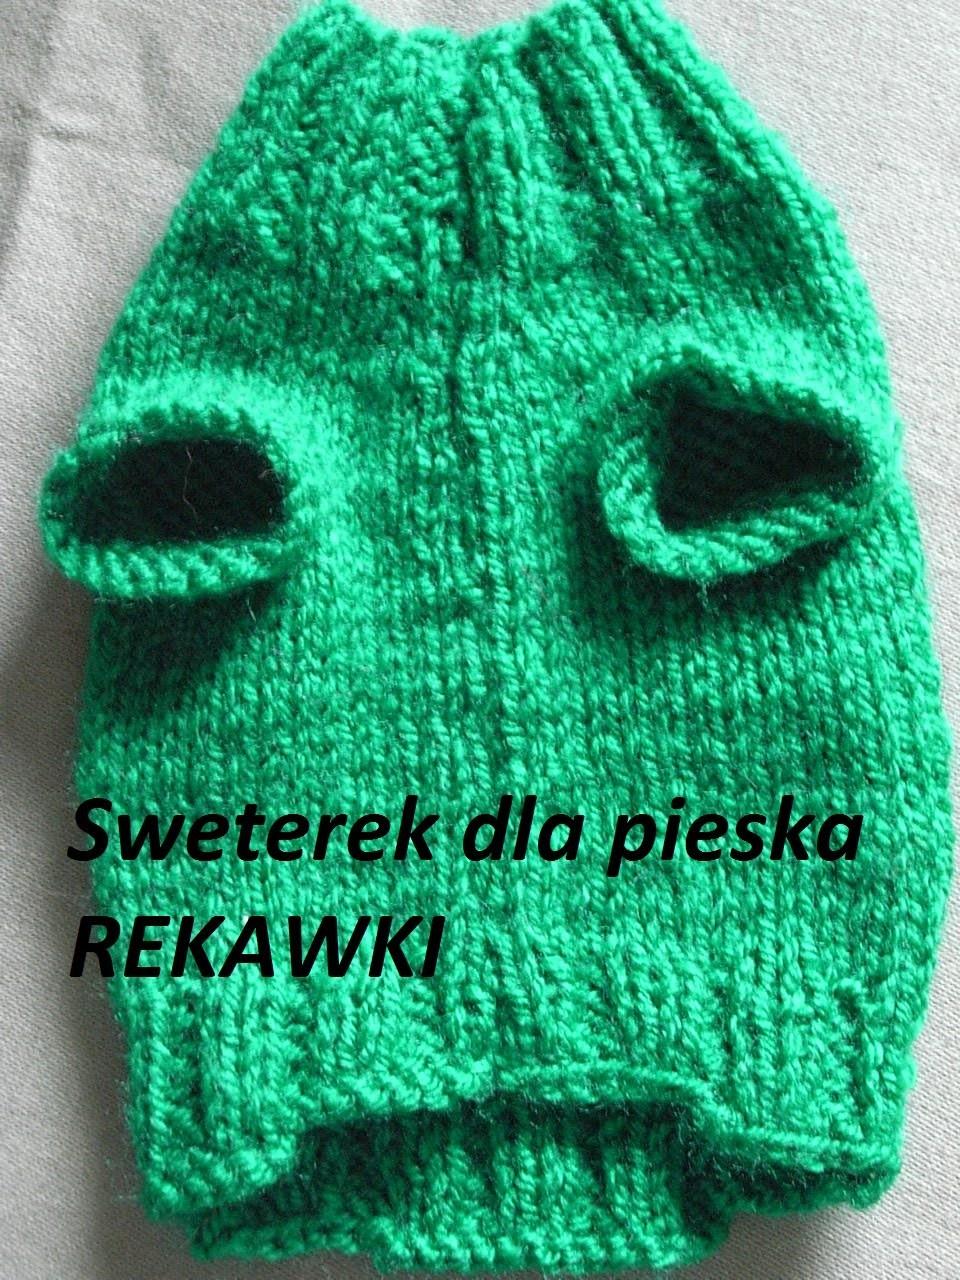 Robótki na drutach Sweterek dla pieska* Otwór na łapki*Knitting Tutorial Handarbeit